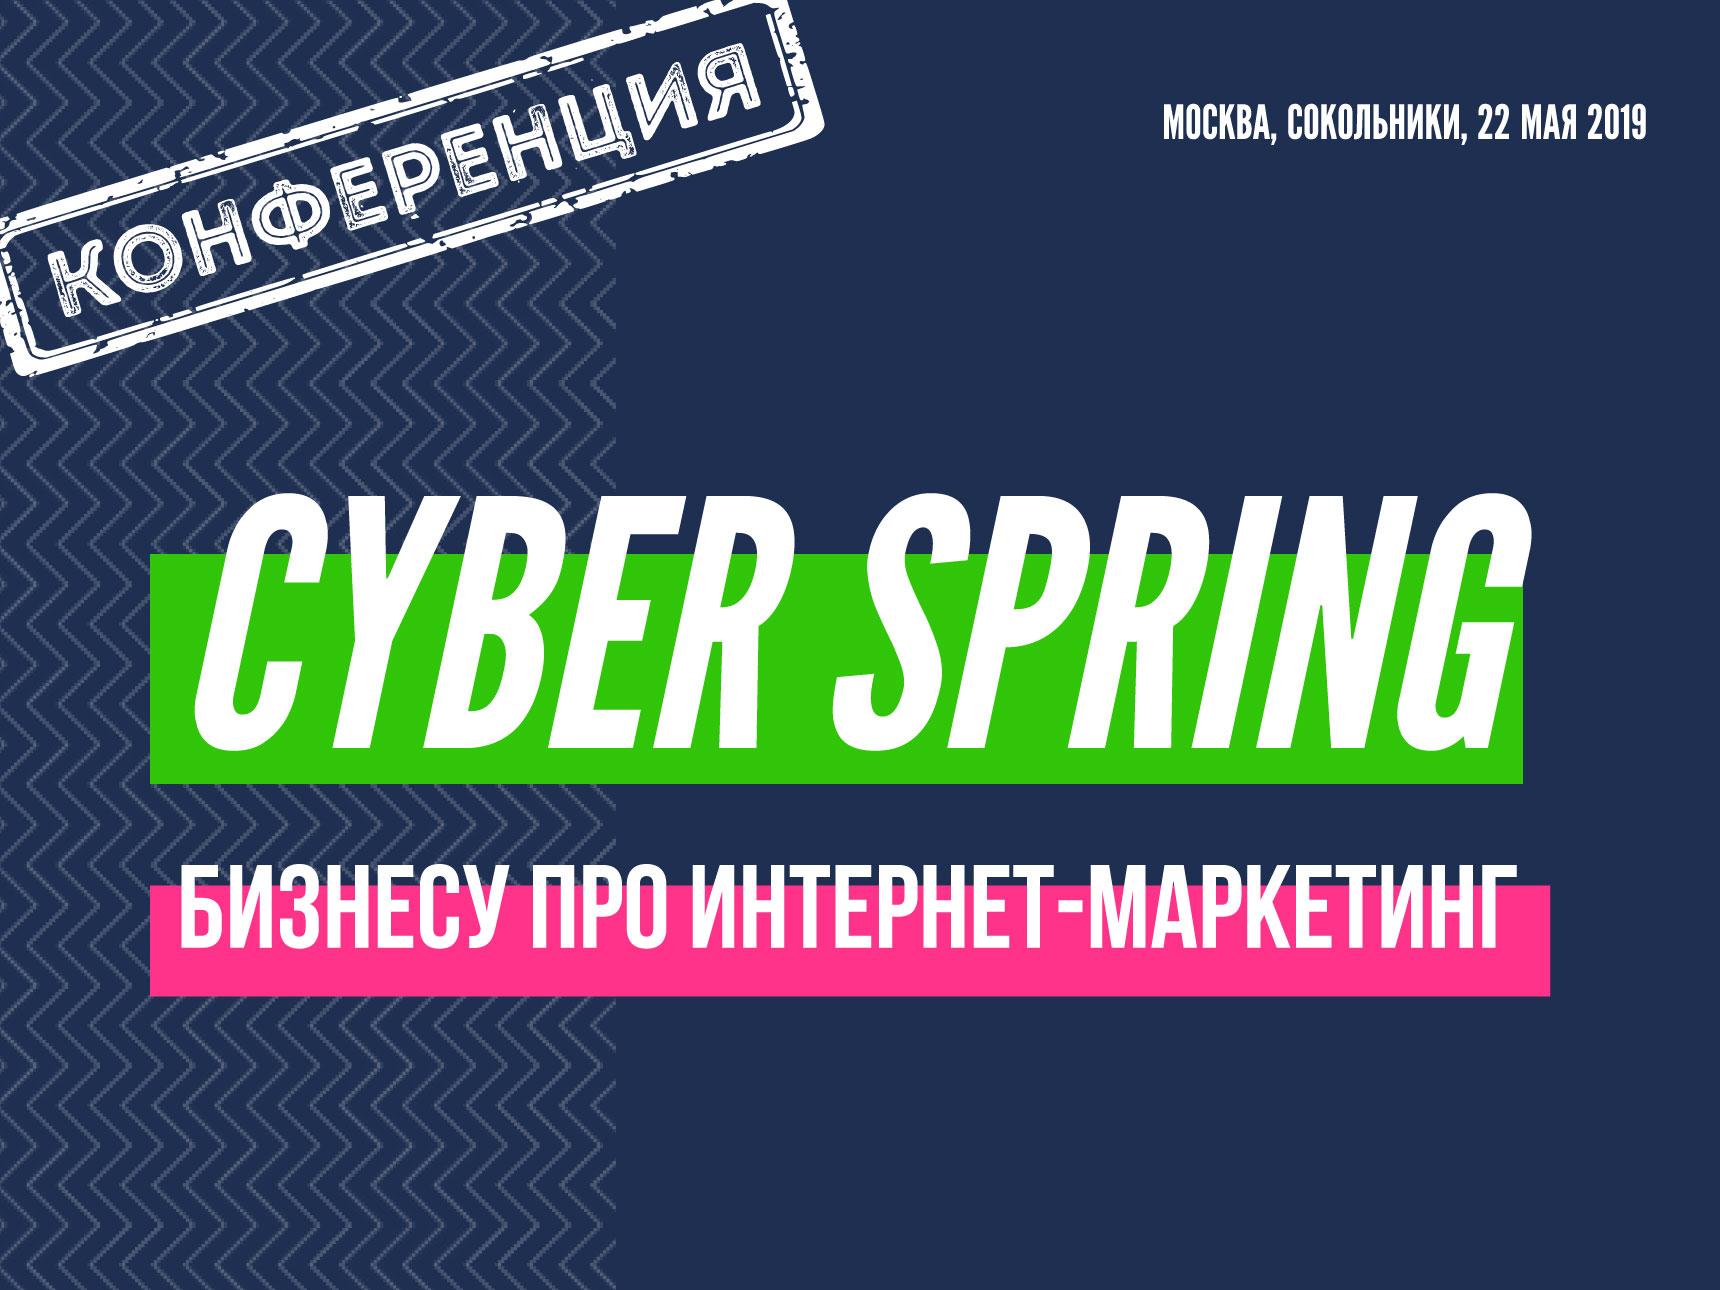 22.05.19г. Конференция CyberSpring 2019 на ECOM EXPO 2019. Для тех, кому нужны клиенты из интернета